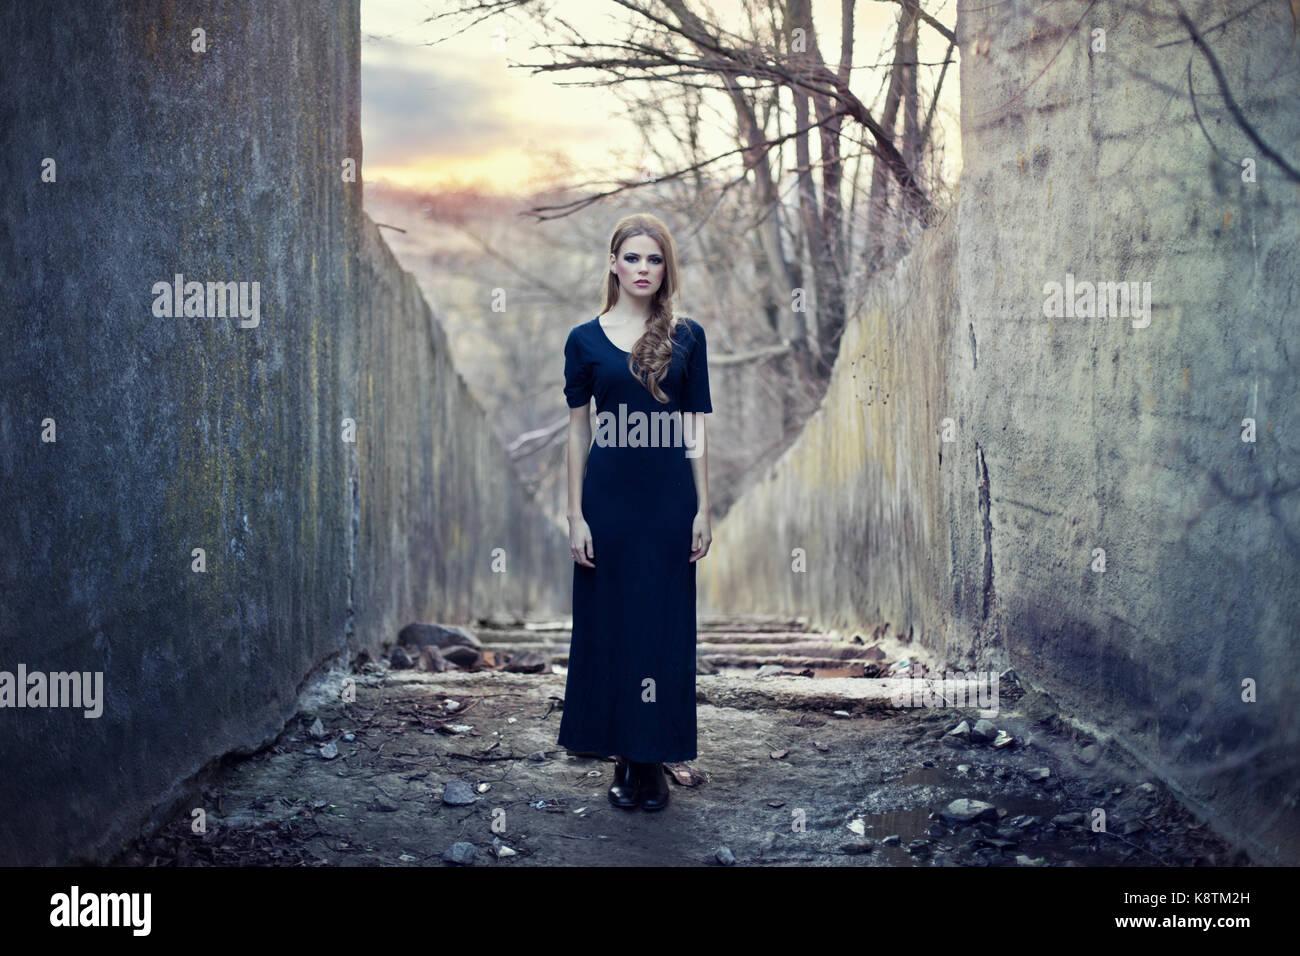 Bella ragazza solitaria in abiti lunghi nei pressi di cupo tunnel sul tramonto Immagini Stock